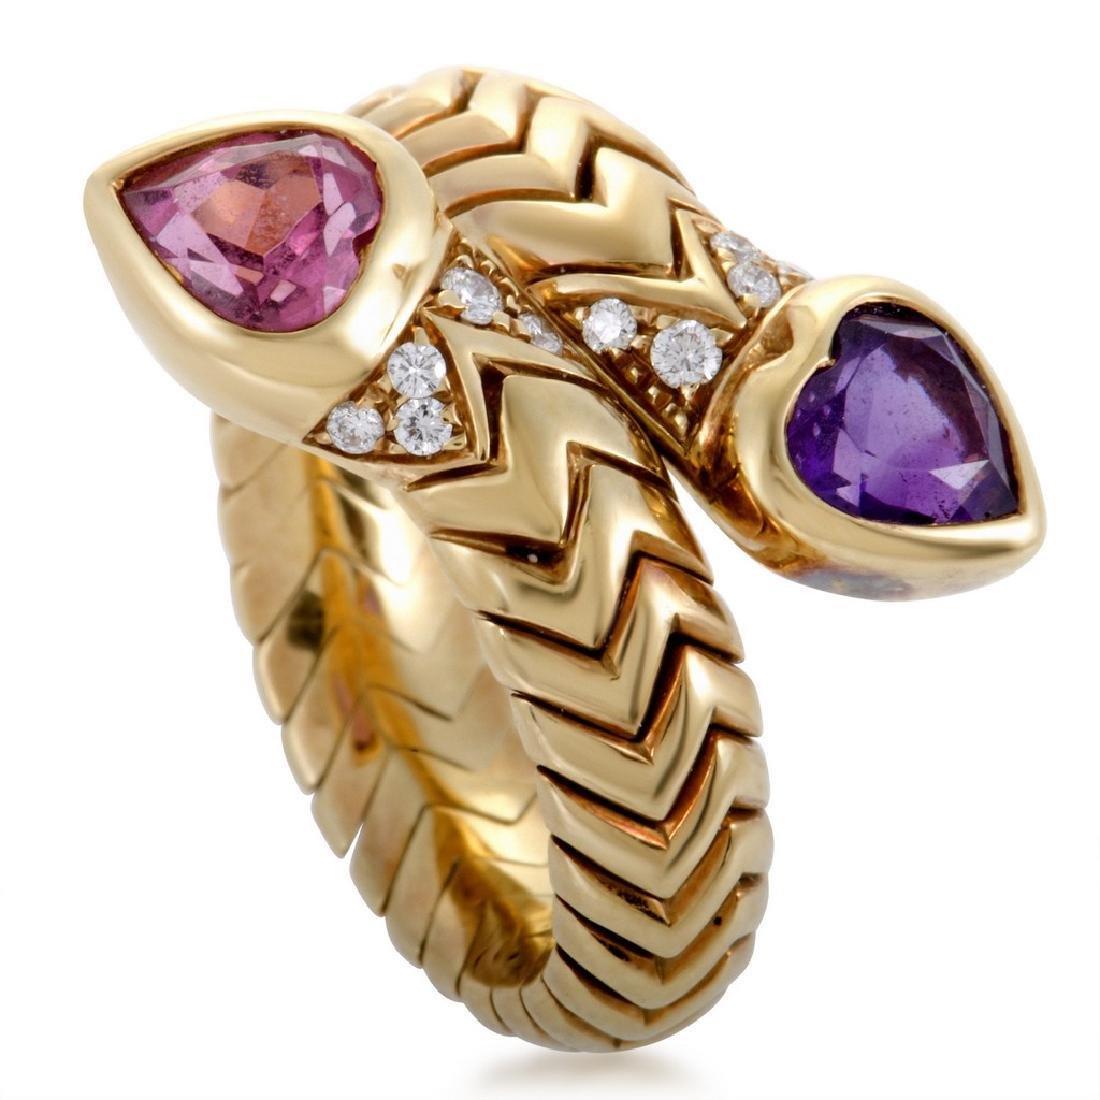 Bvlgari 18K Gold Amethyst Pink Tourmaline Bypass Ring